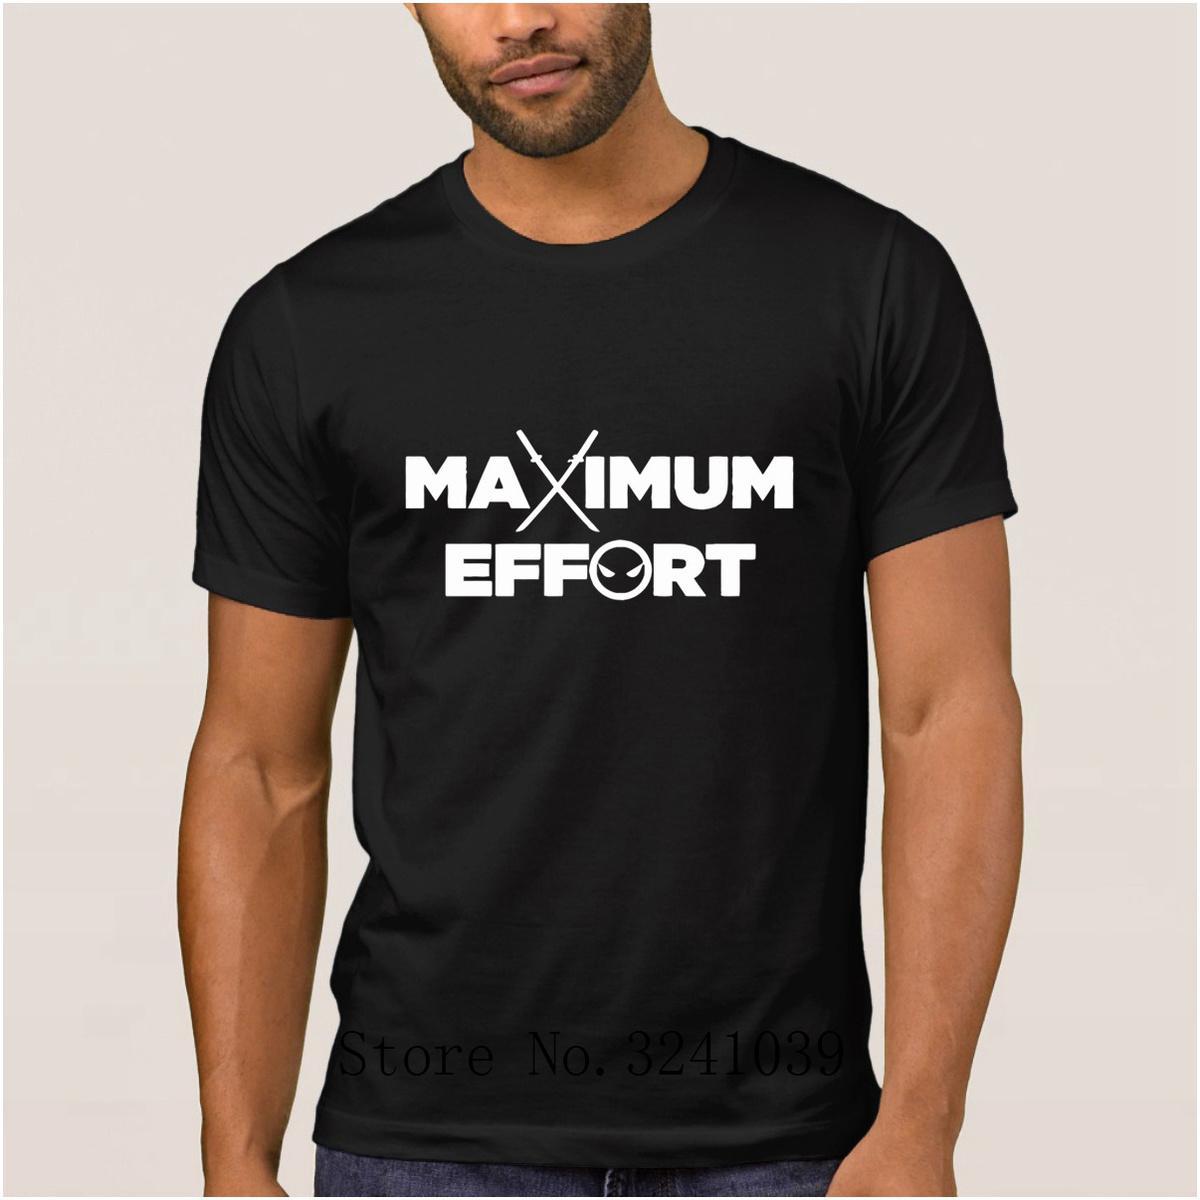 La Maxpa creare Meglio massimo sforzo maglietta per uomo estate Fitness t-shirt uomo Kawaii tee shirt uomo 100% cotone Basic Solid